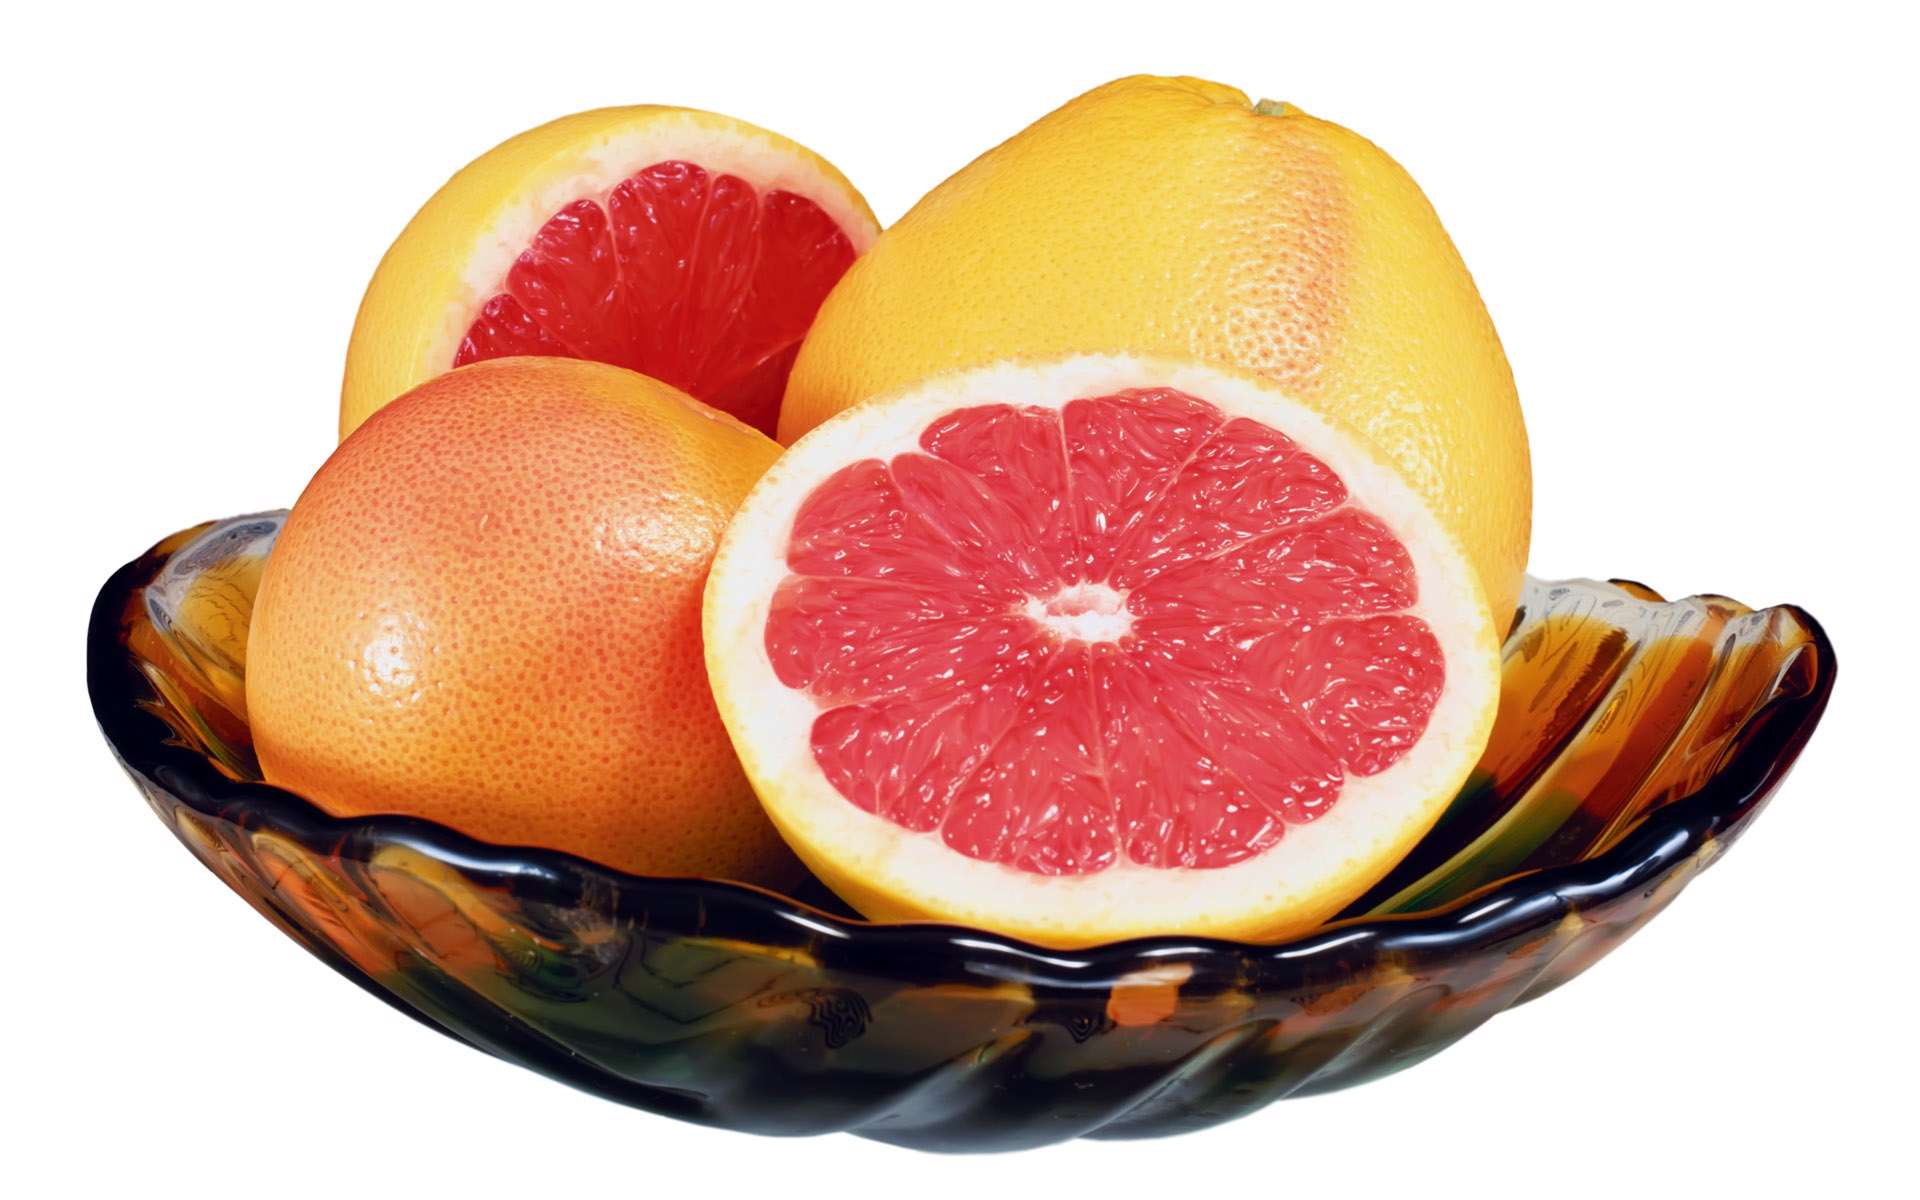 این دو میوه را بخورید و لاغر شوید